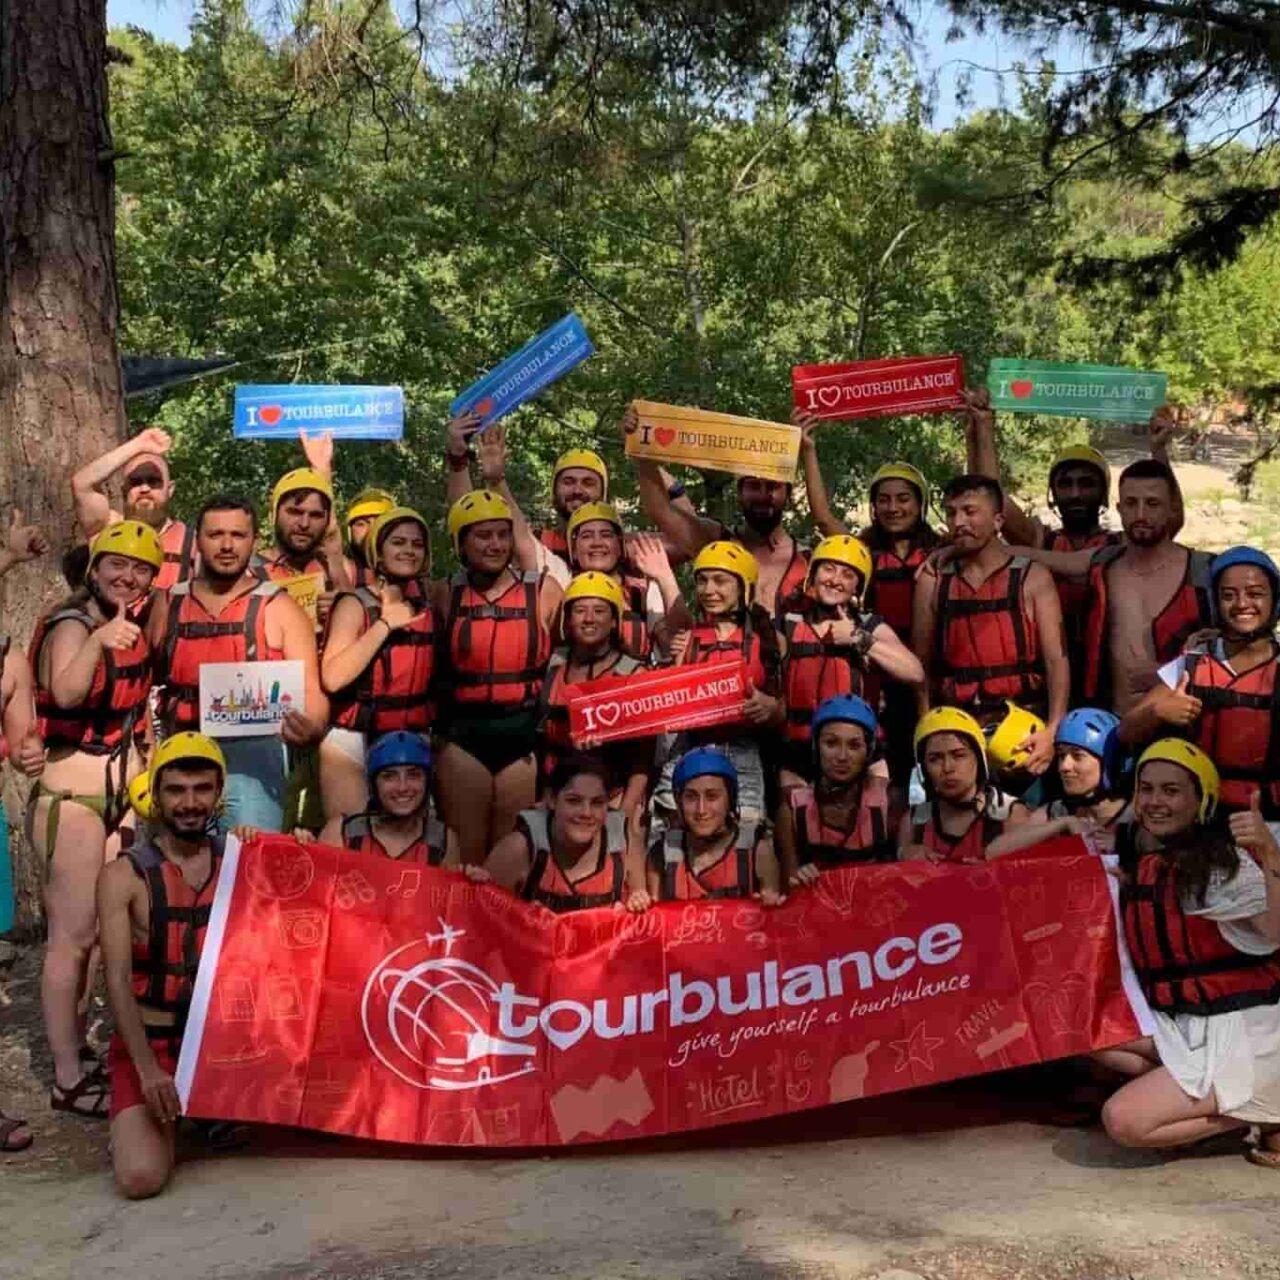 Tourbulance Yaz Gençlik Kampları